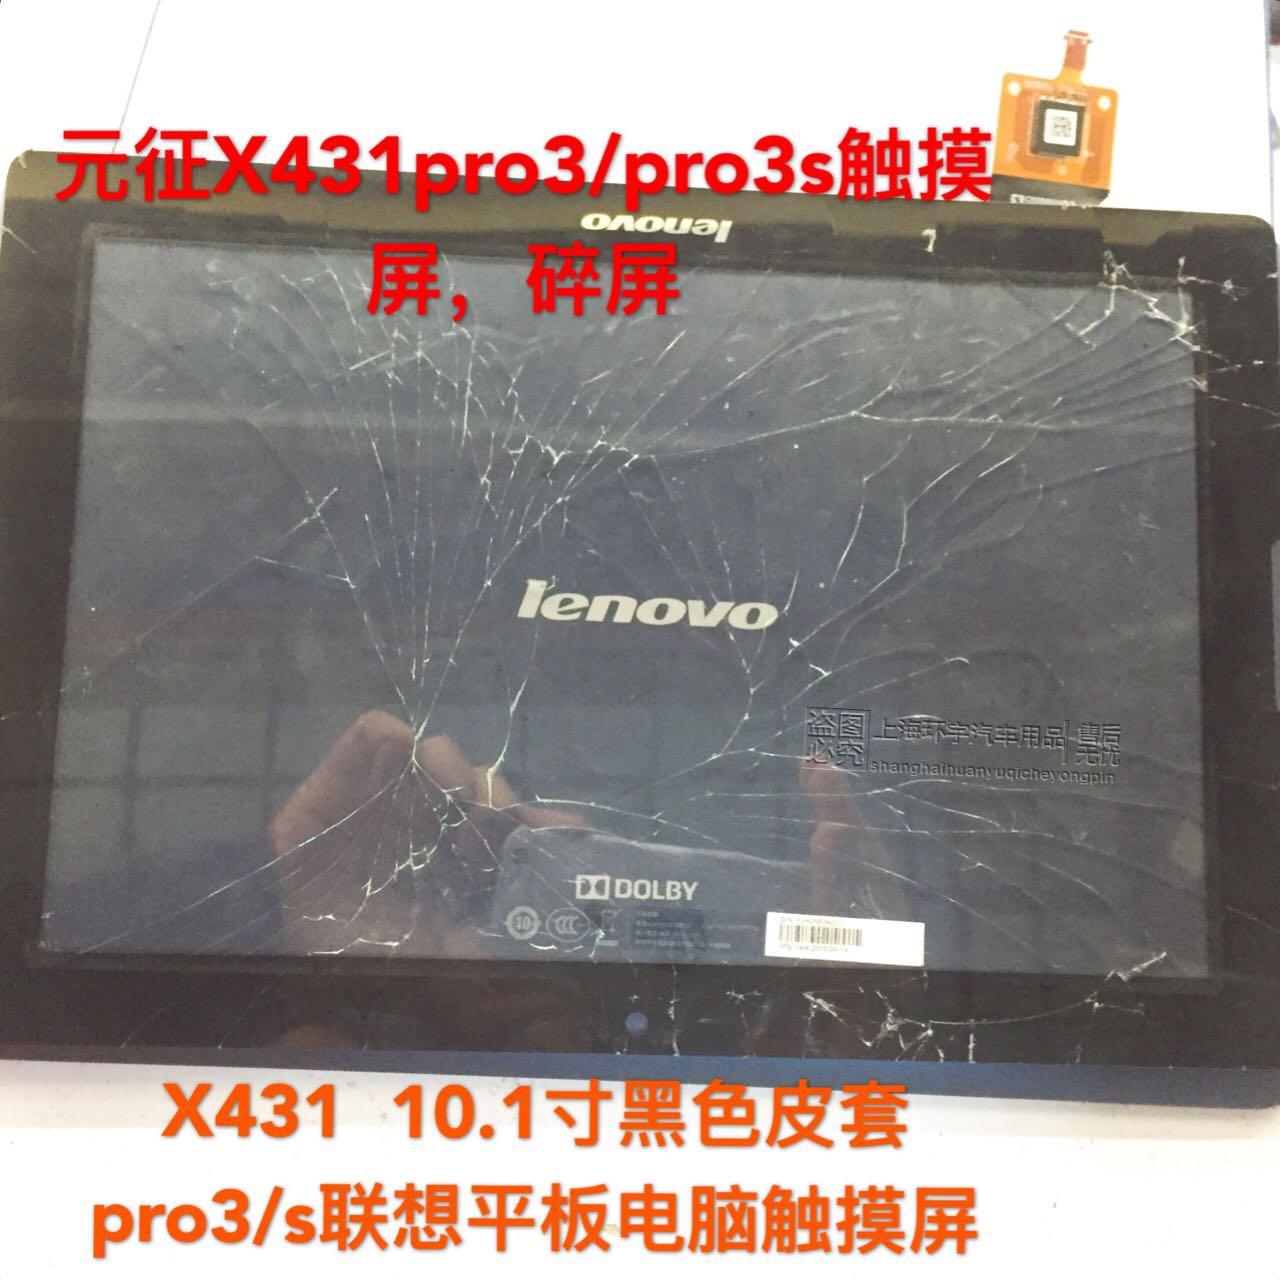 元征X431pro3/3s触摸屏/屏幕,碎屏更换屏幕10.1寸黑色套元征电脑